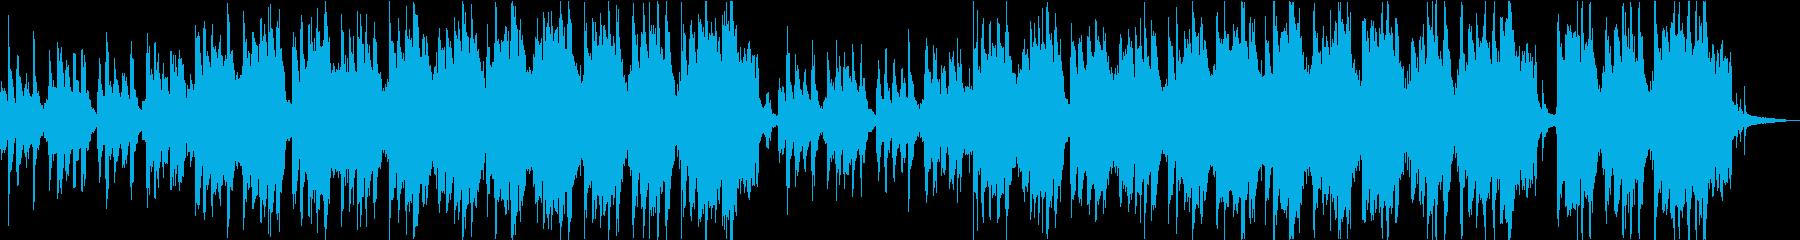 ハロウィンに コミカルでホラーなワルツの再生済みの波形